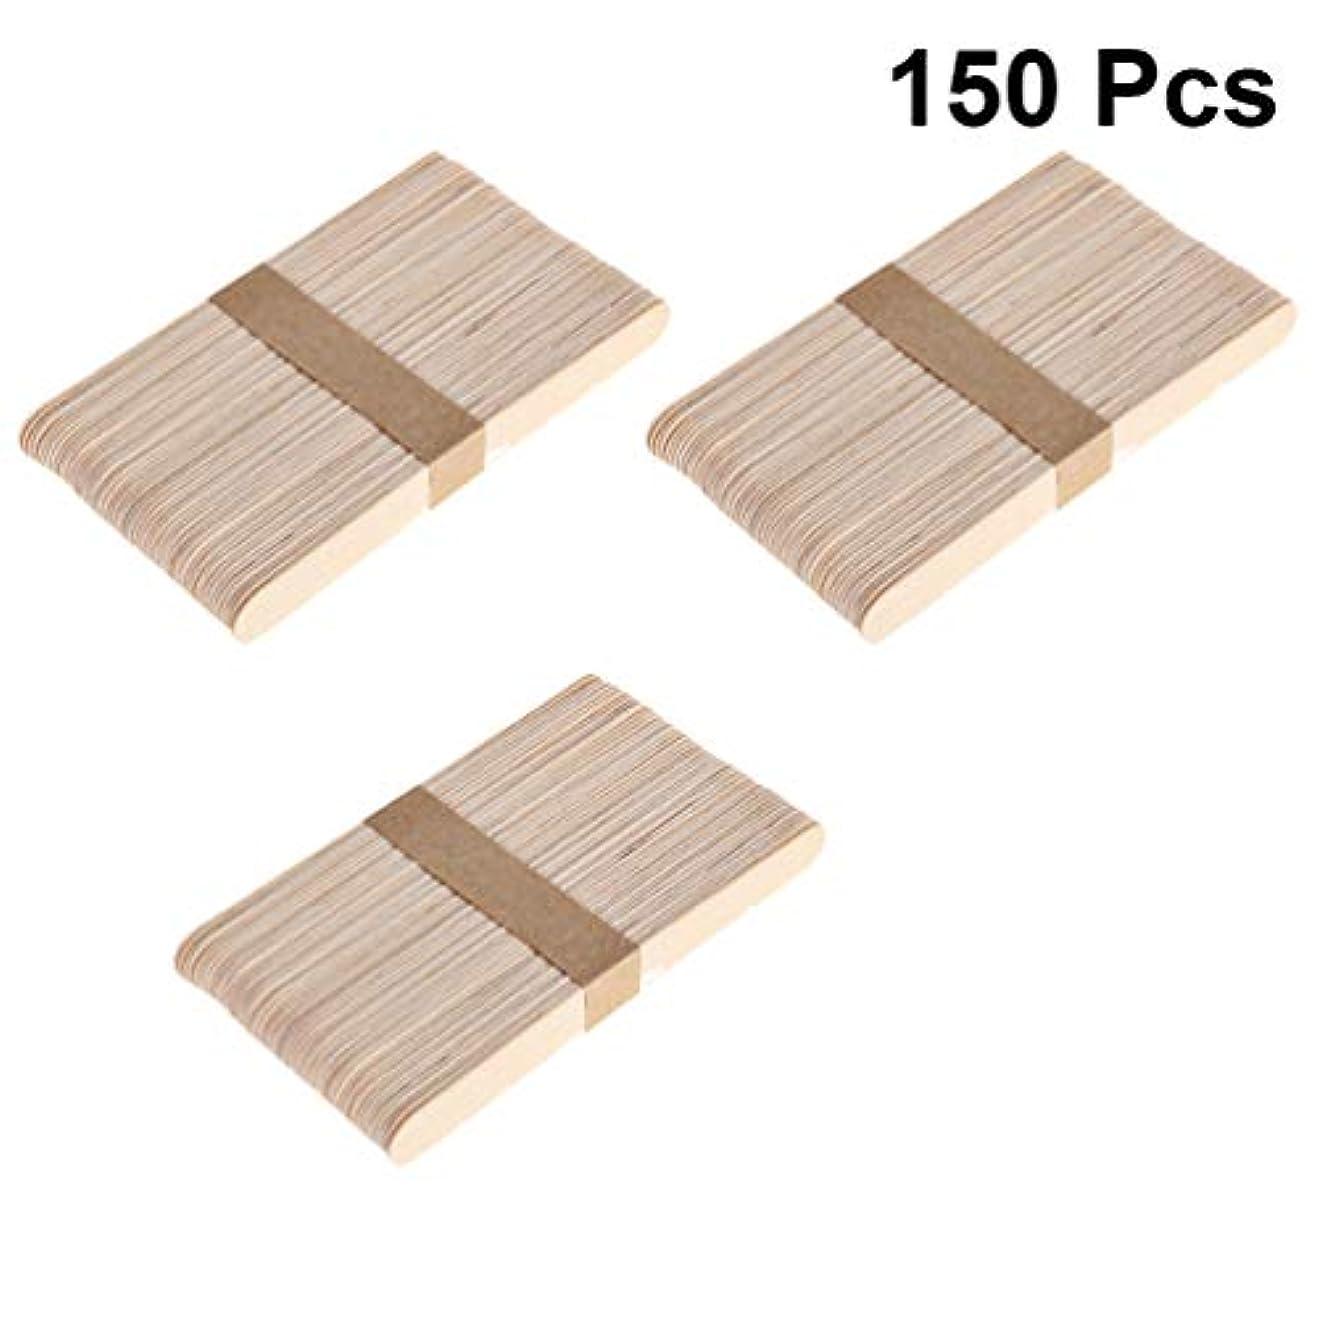 改修する設置ロックHealifty 天然木材クラフトスティックアイスキャンディーロリポップアイスクリームスティックグレートポップトリートスティック用diyクラフト150ピース